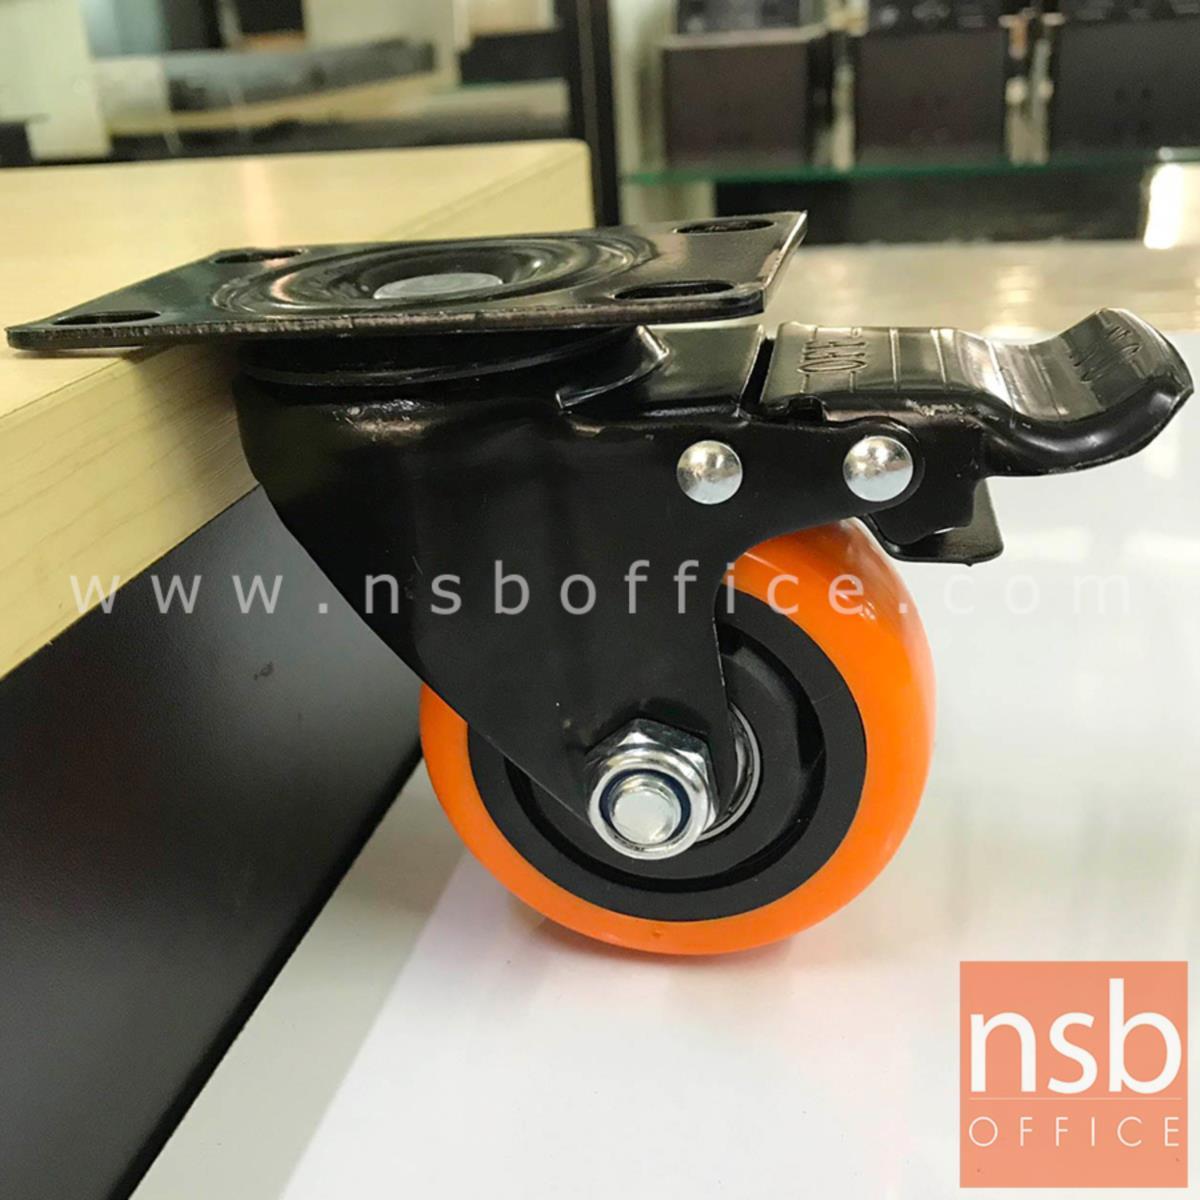 ลูกล้องานเฟอร์นิเจอร์ PU สีส้ม   ขนาด Di7.5 x 10H cm. แกนลูกปืน แป้นหมุน